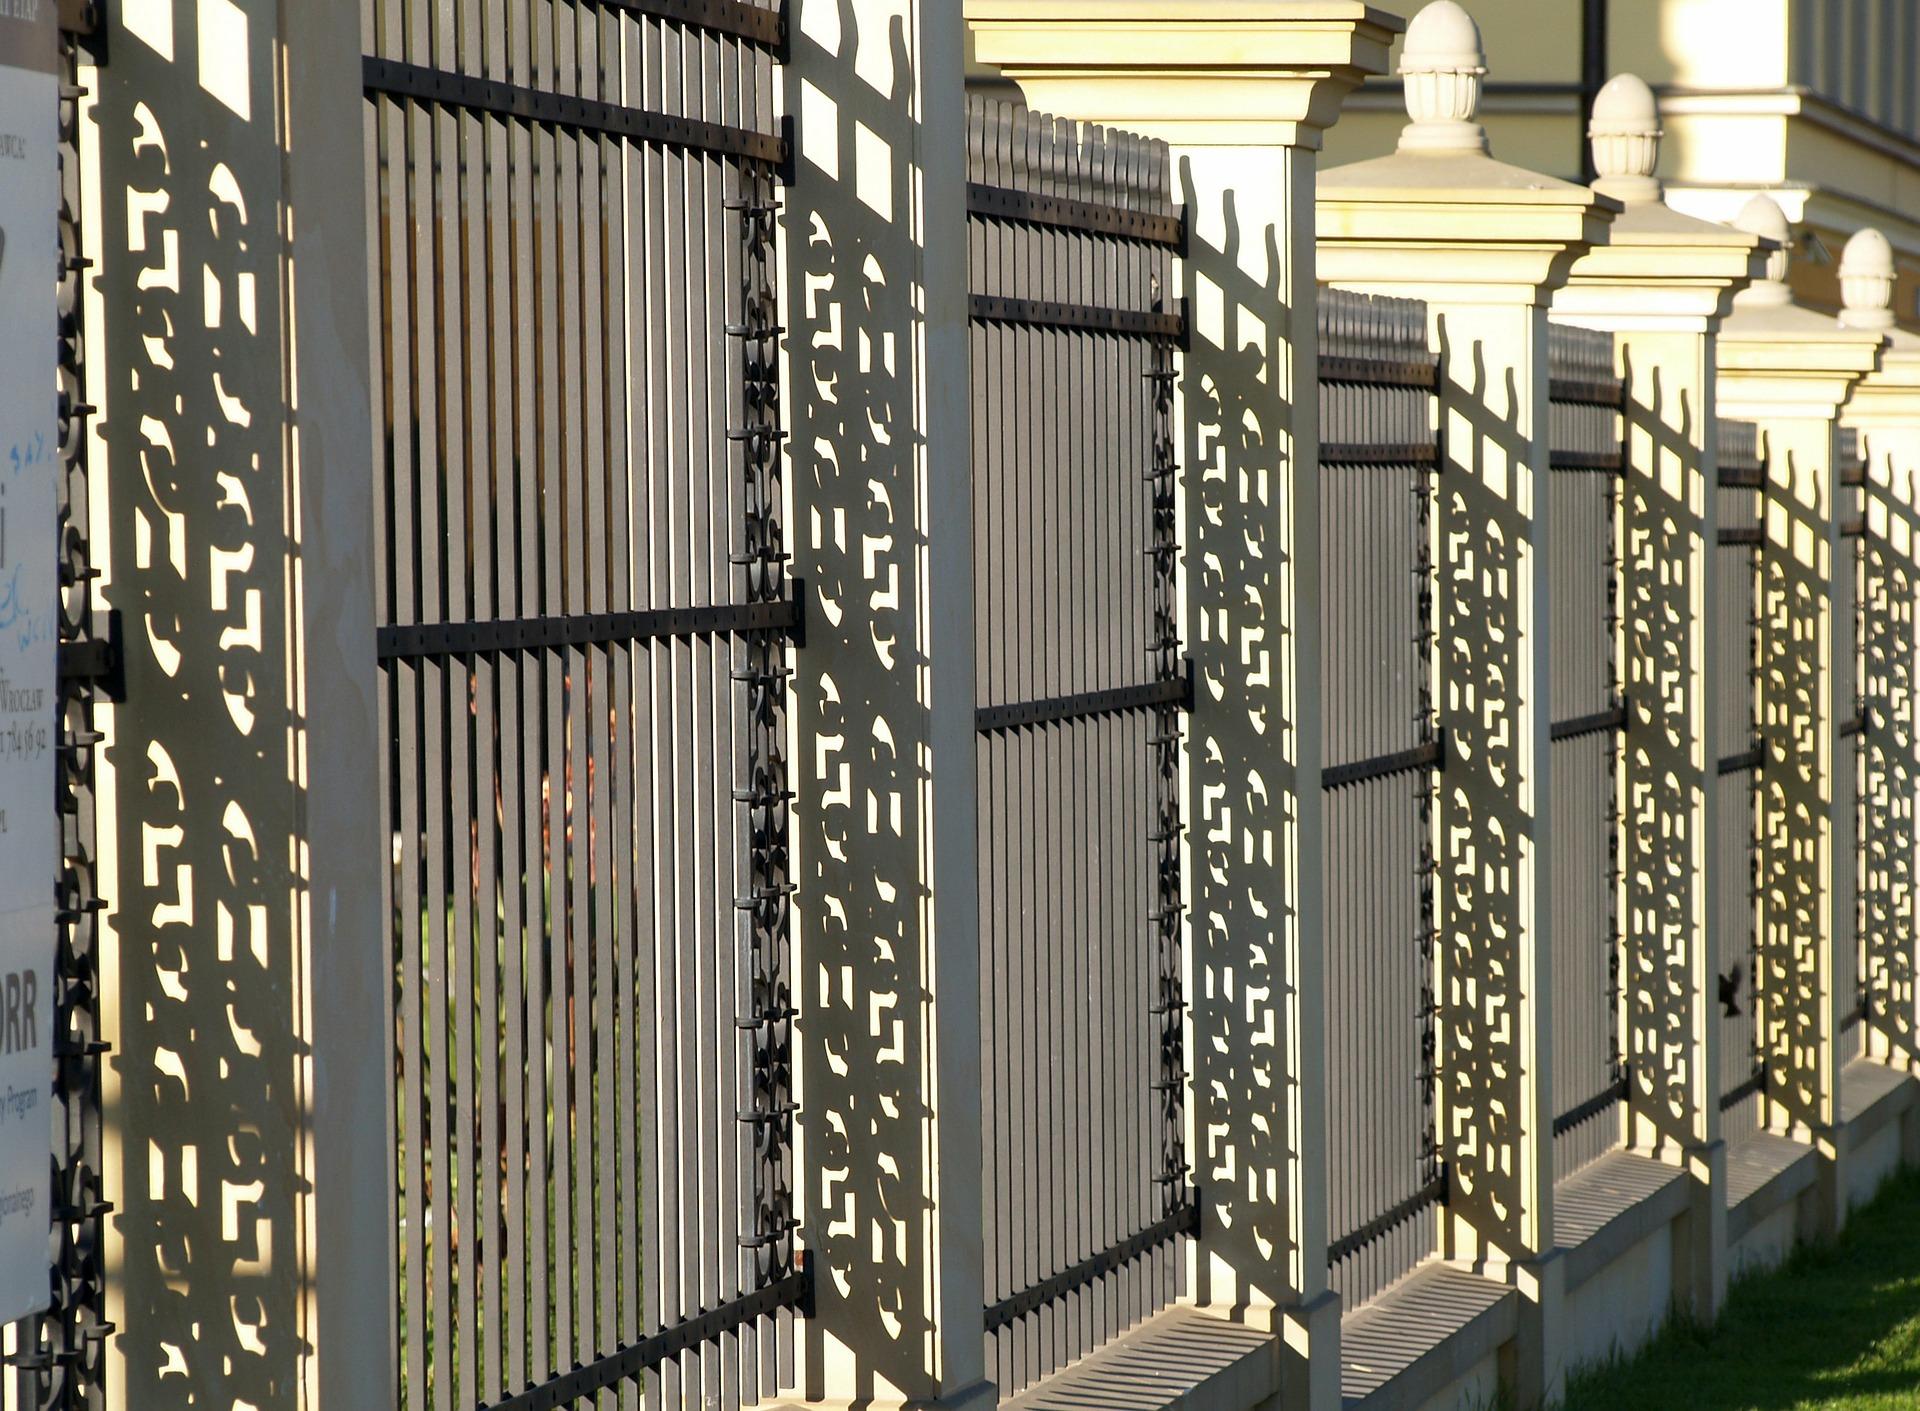 Wybierz stylowe ogrodzenie dla swojej posesji - Zdjęcie główne